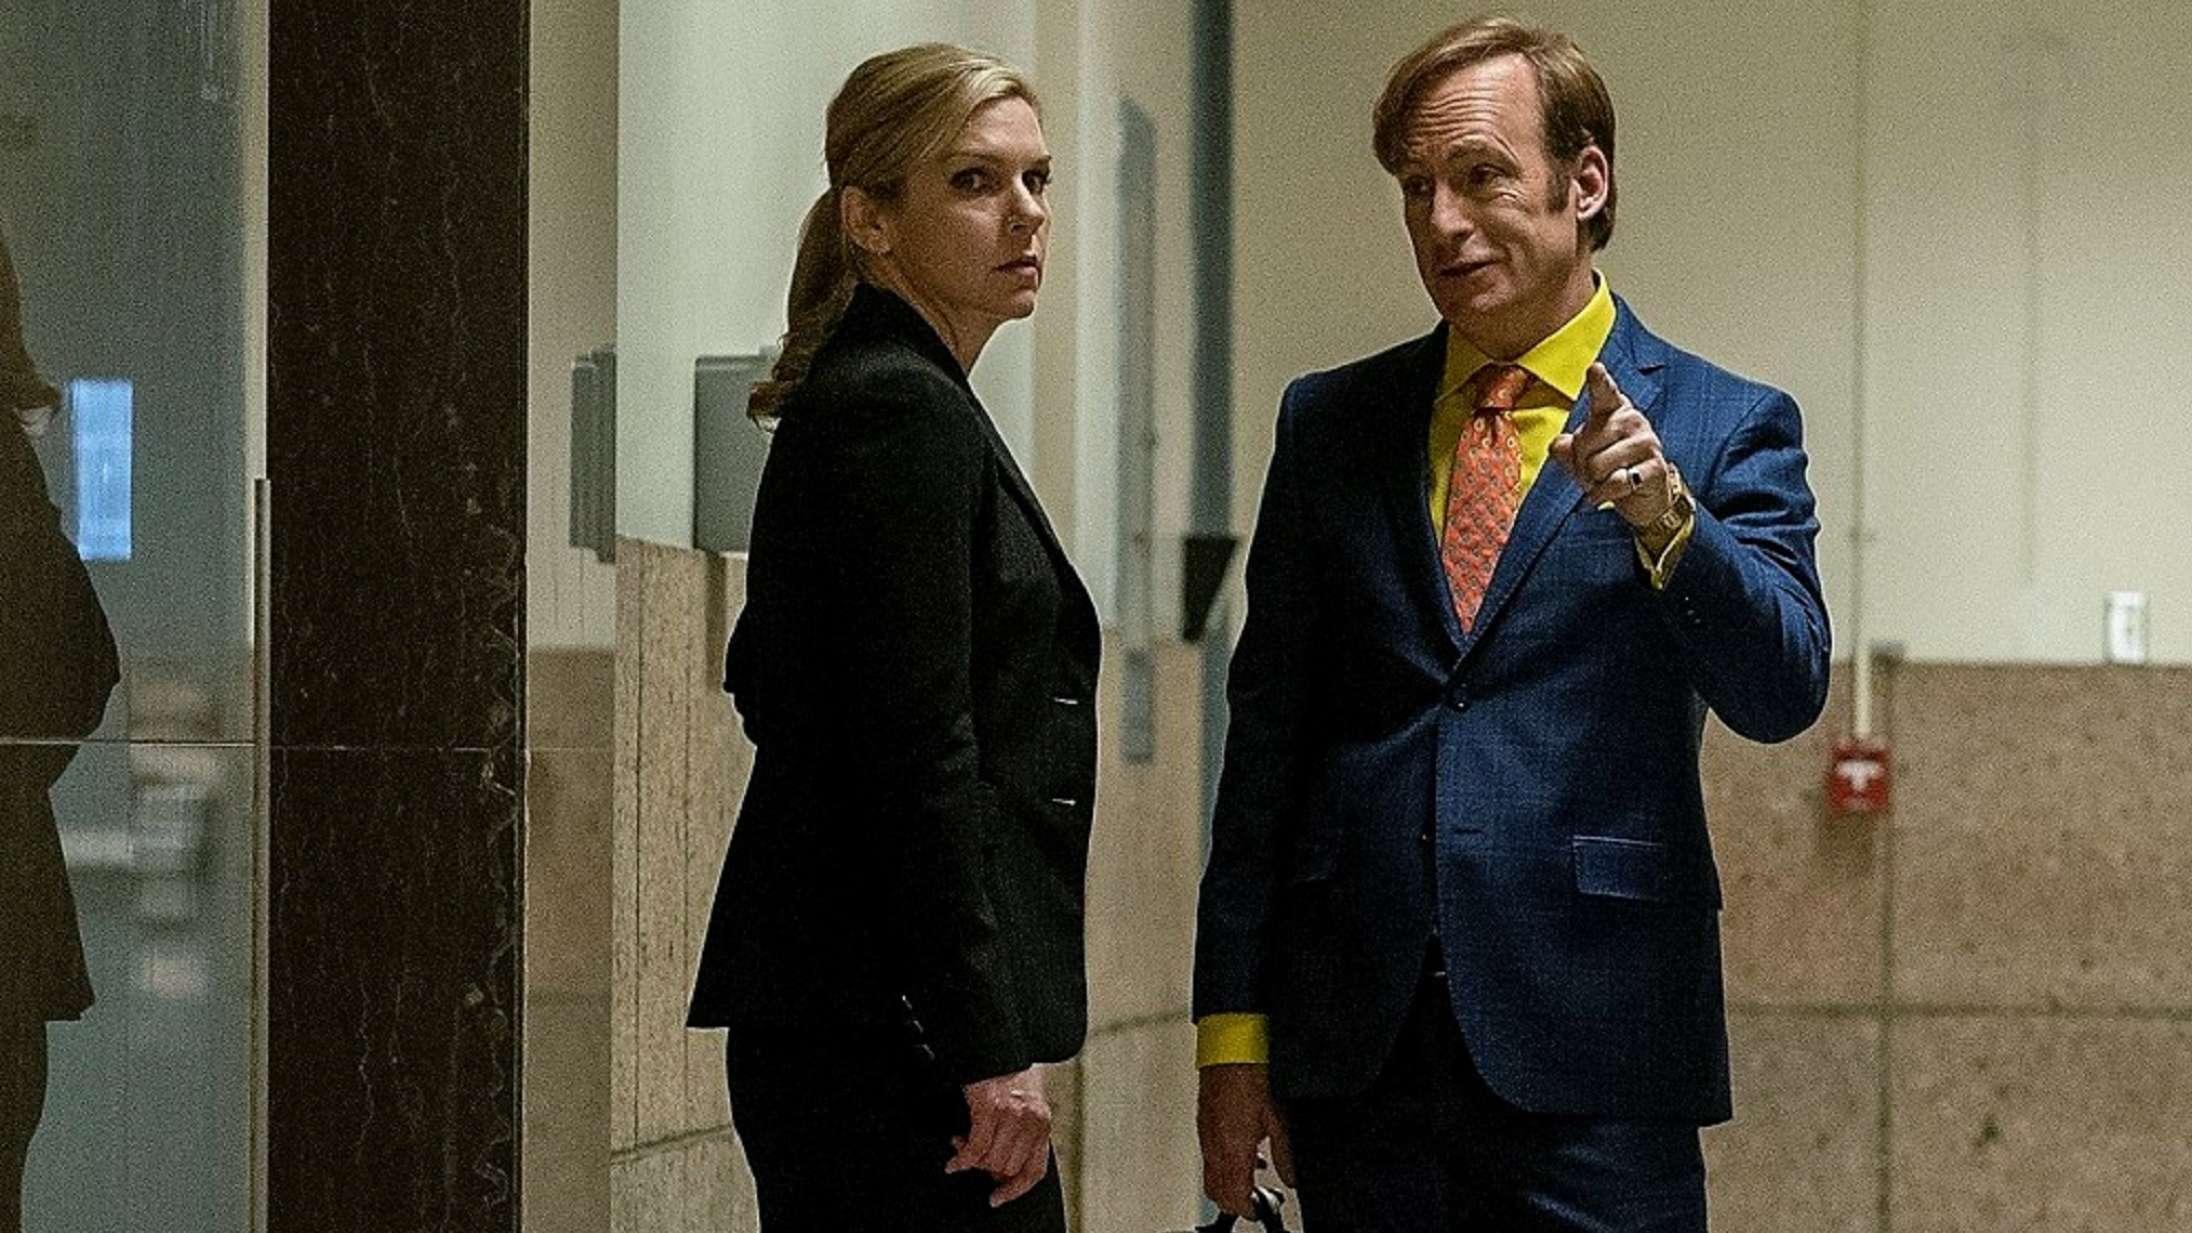 'Better Call Saul' sæson 5: Seriens sande sjæl åbenbarer sig i ny formidabel sæson